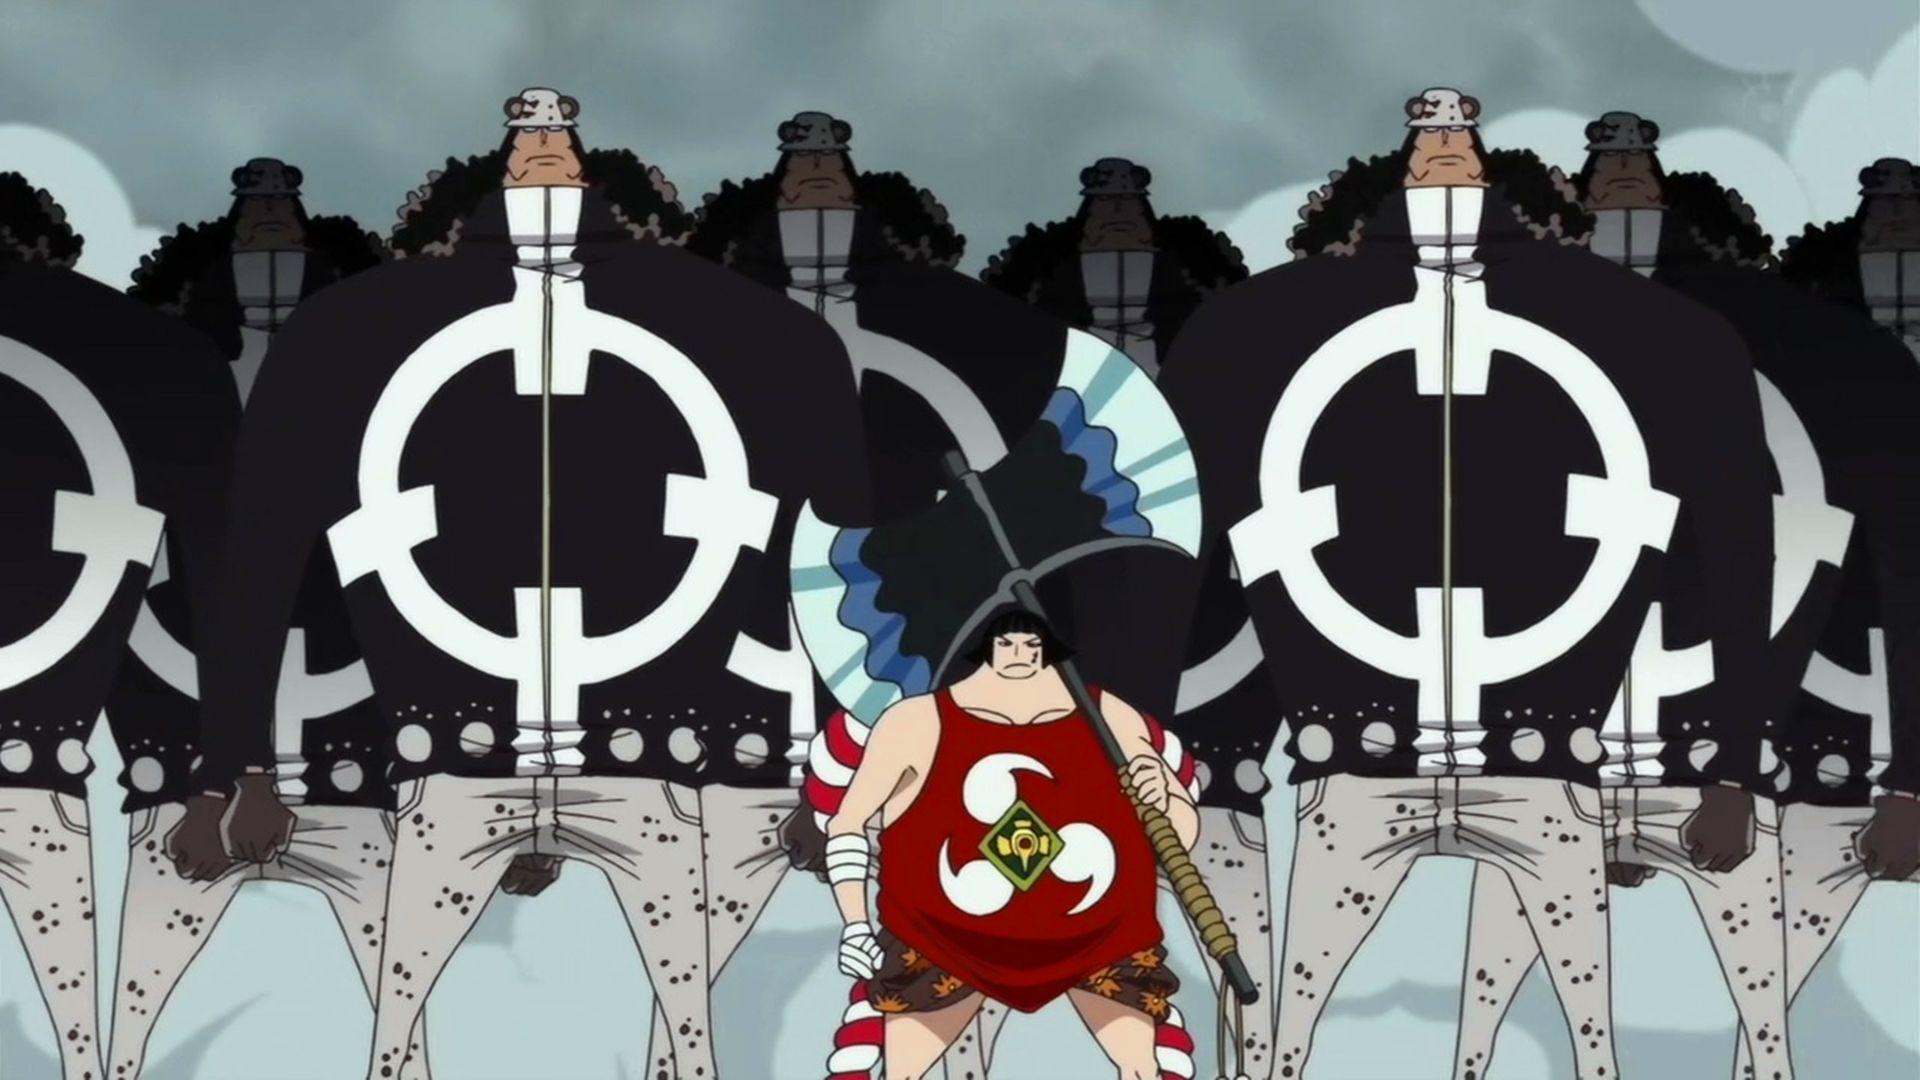 海賊王中的海軍為什麼不能小看?強者數量多,還掌握著高科技